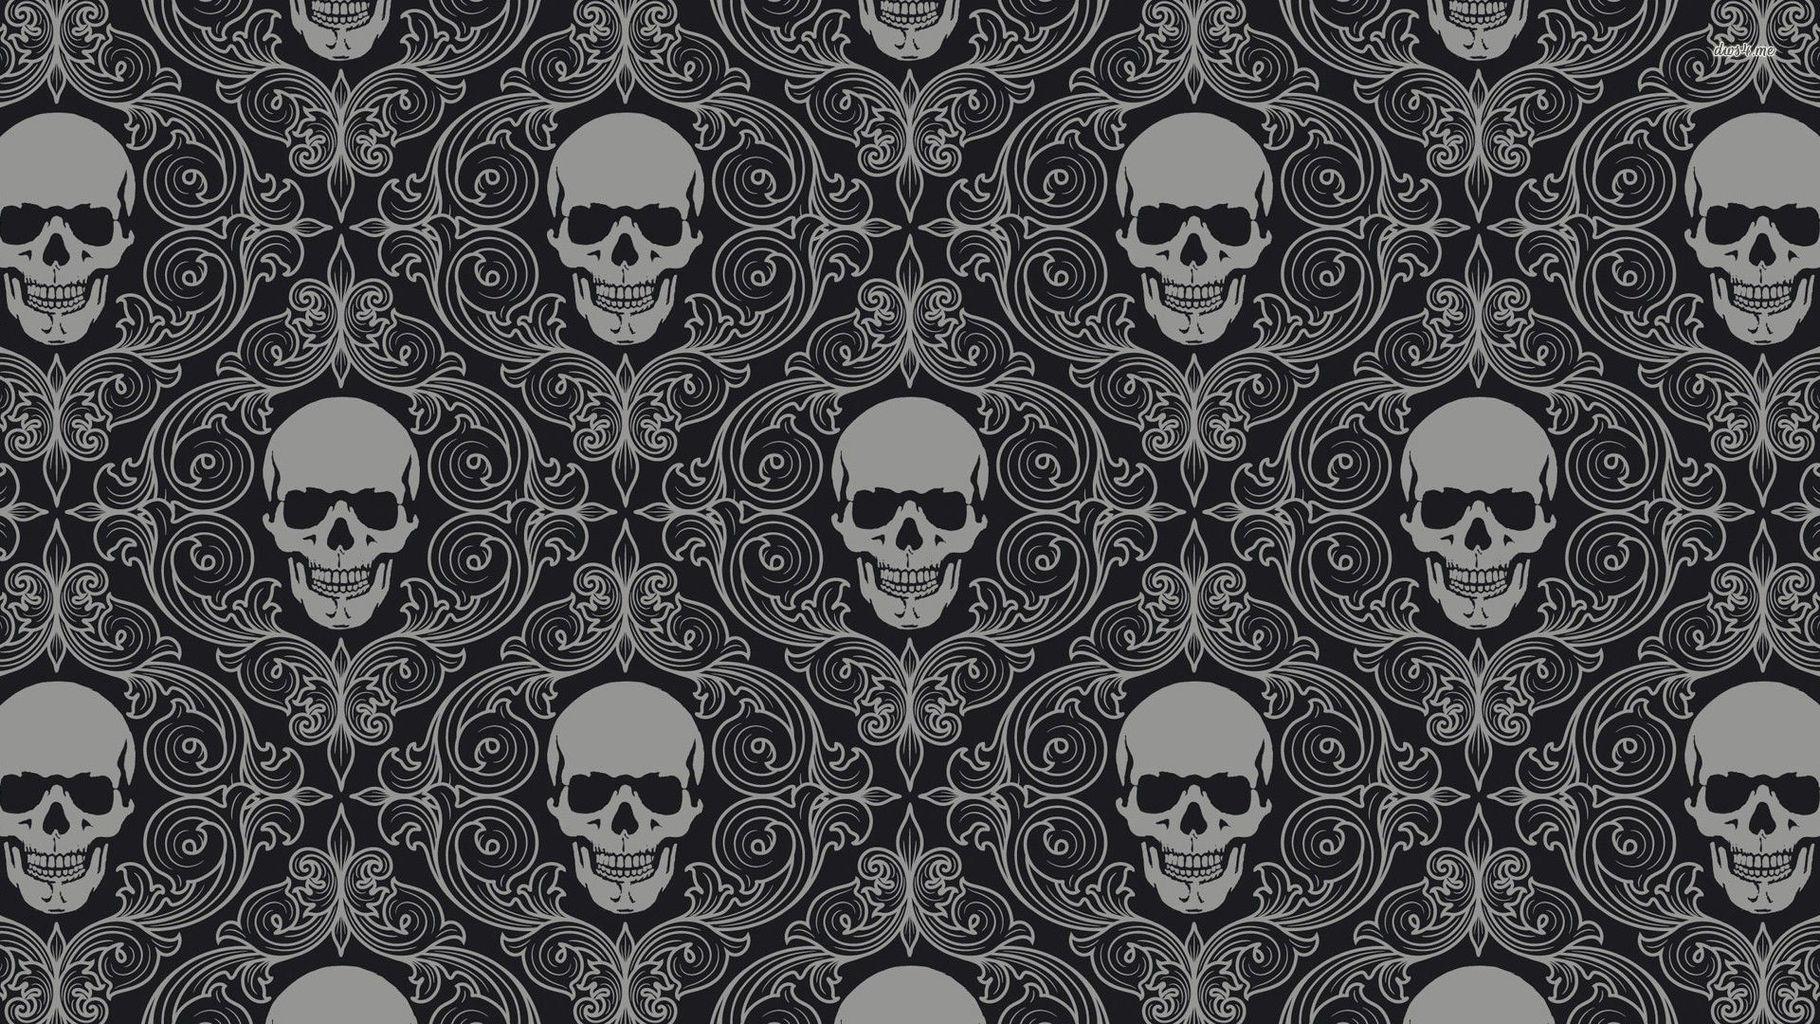 18468-vintage-skull-pattern-1920x1080-vector-wallpaper.jpg